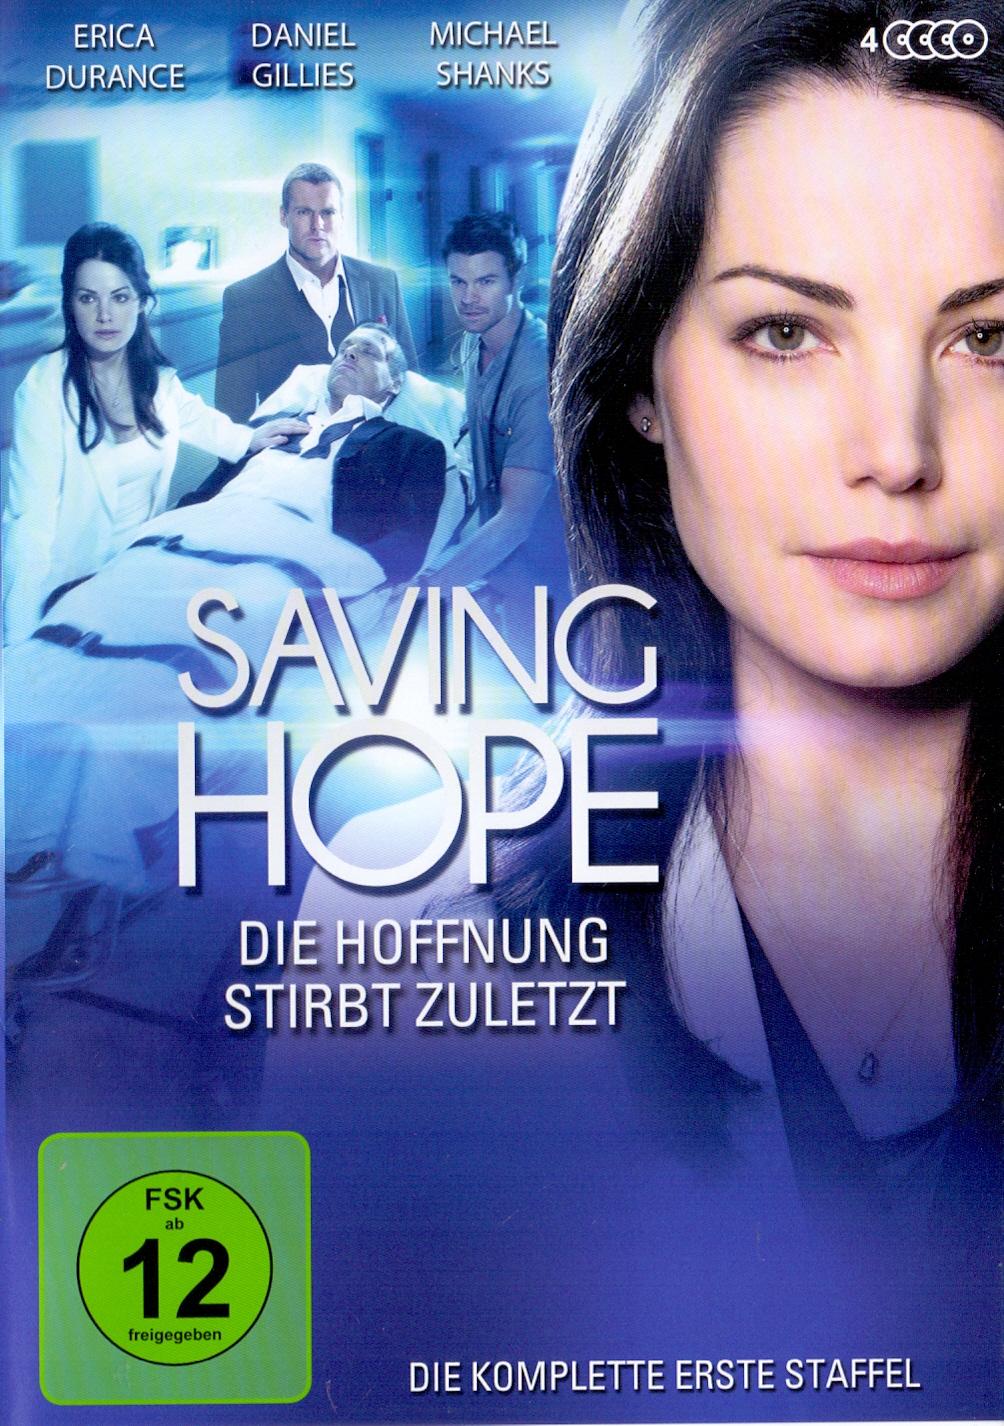 Saving Hope - Die Hoffnung stirbt zuletzt: Die komplette erste Staffel [4 DVDs]